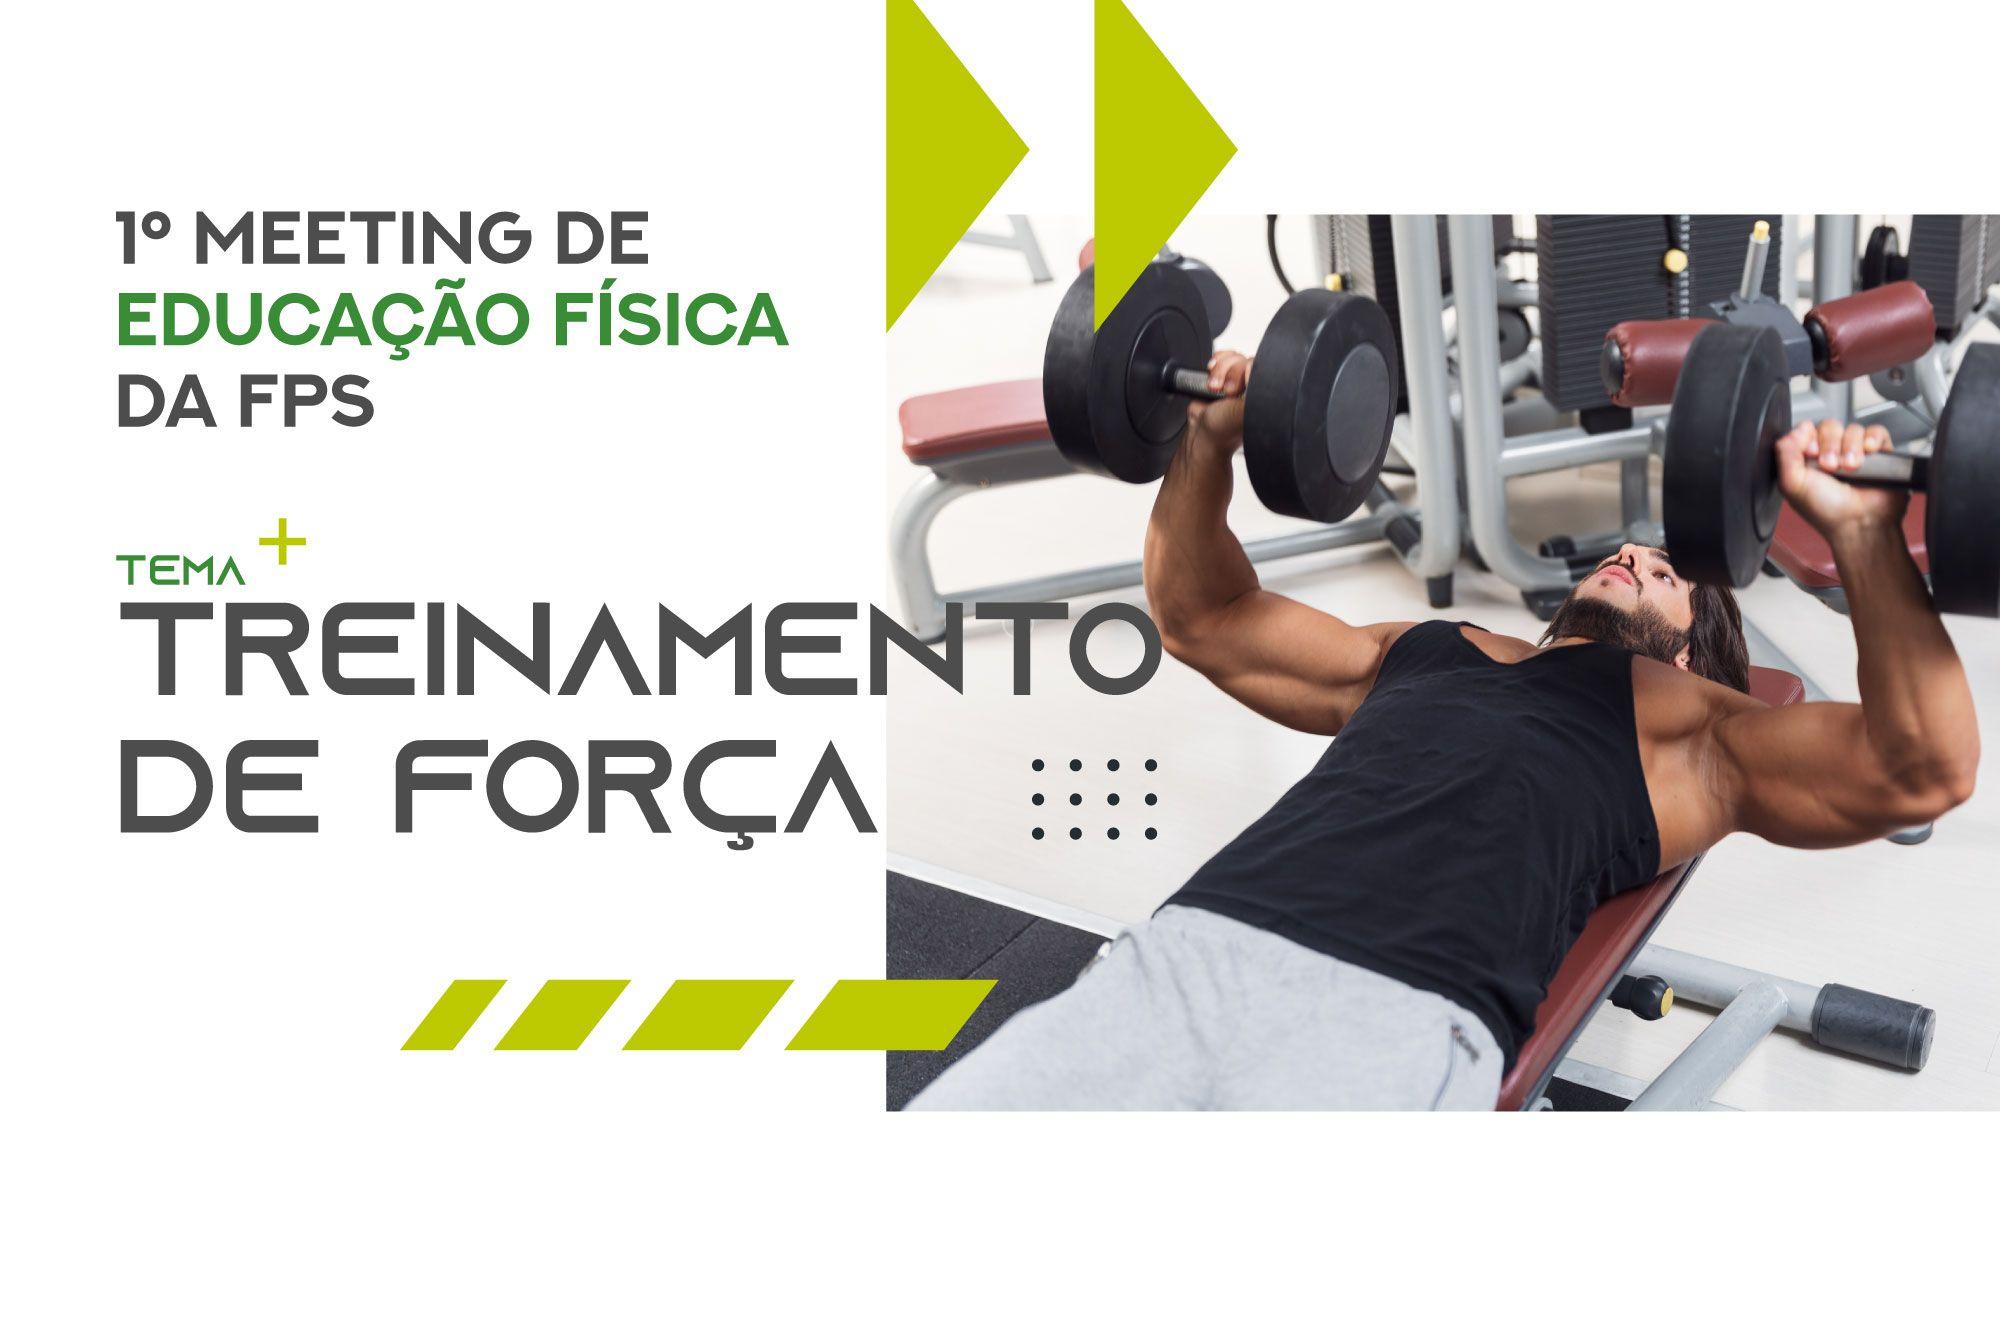 FPS promove meeting de Educação Física